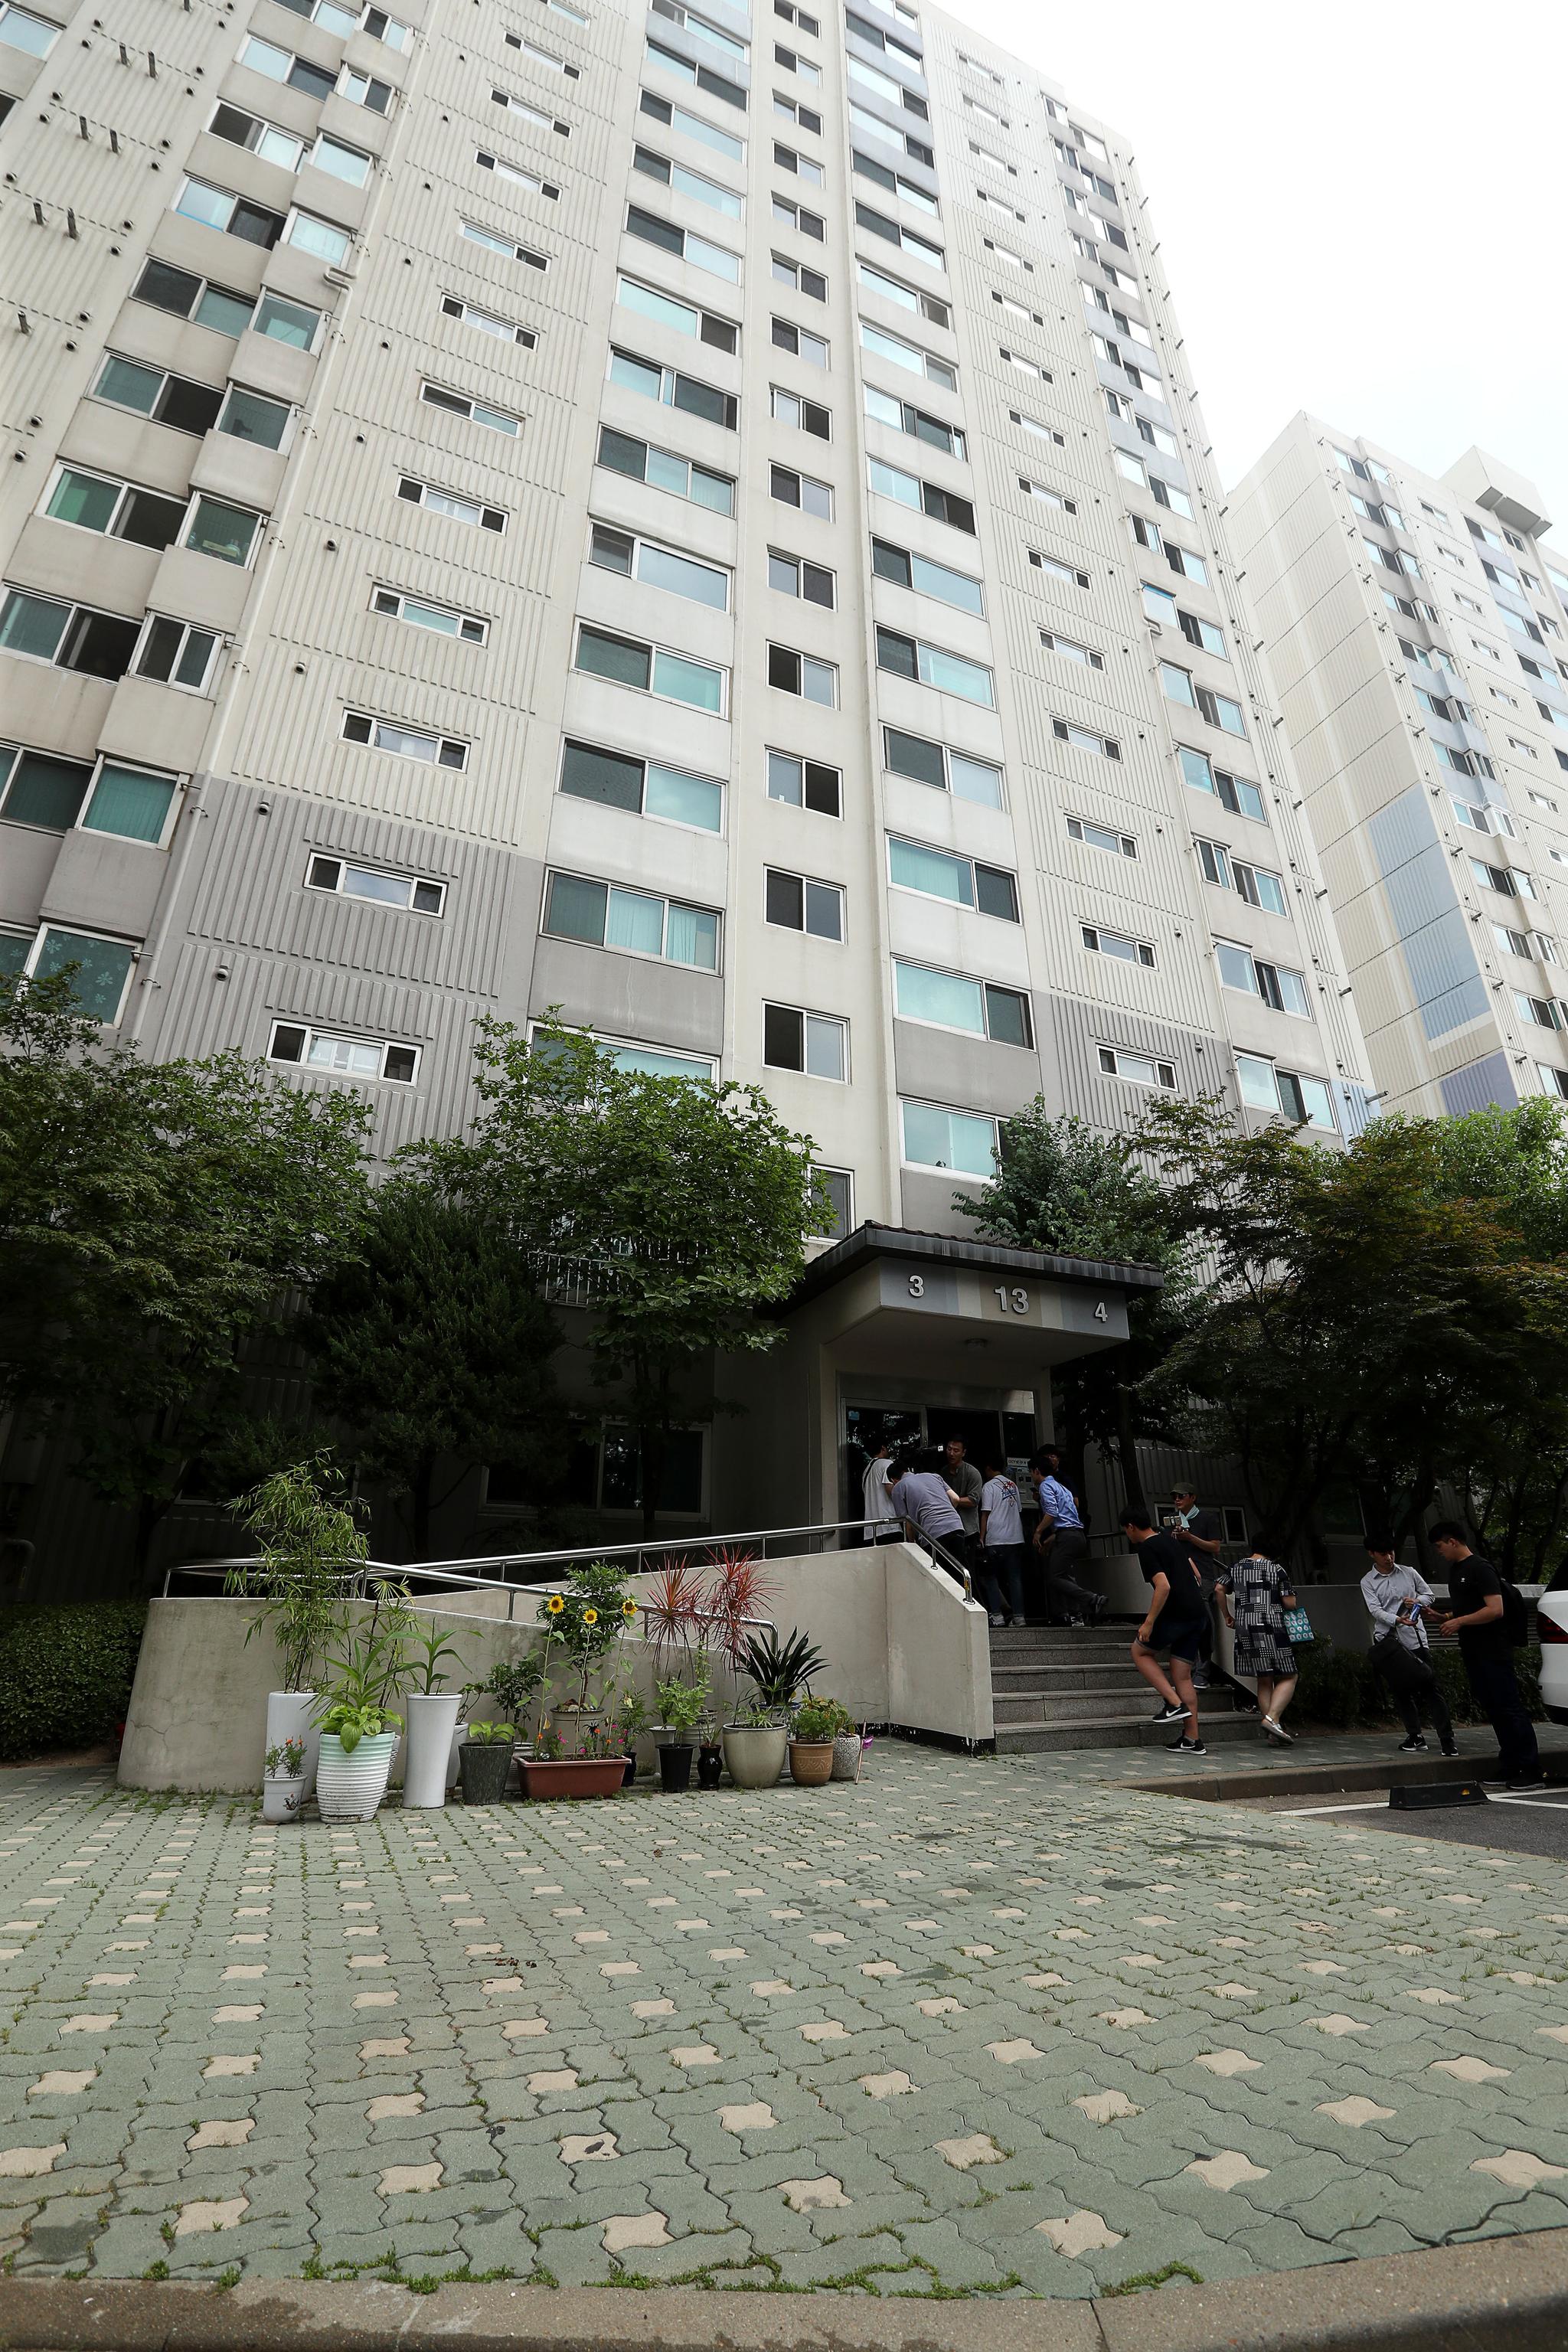 23일 노회찬 원내대표가 투신한것으로 알려진 서울 중구 한 아파트에서 취재진들이 촬영을 하고 있다. 장진영 기자